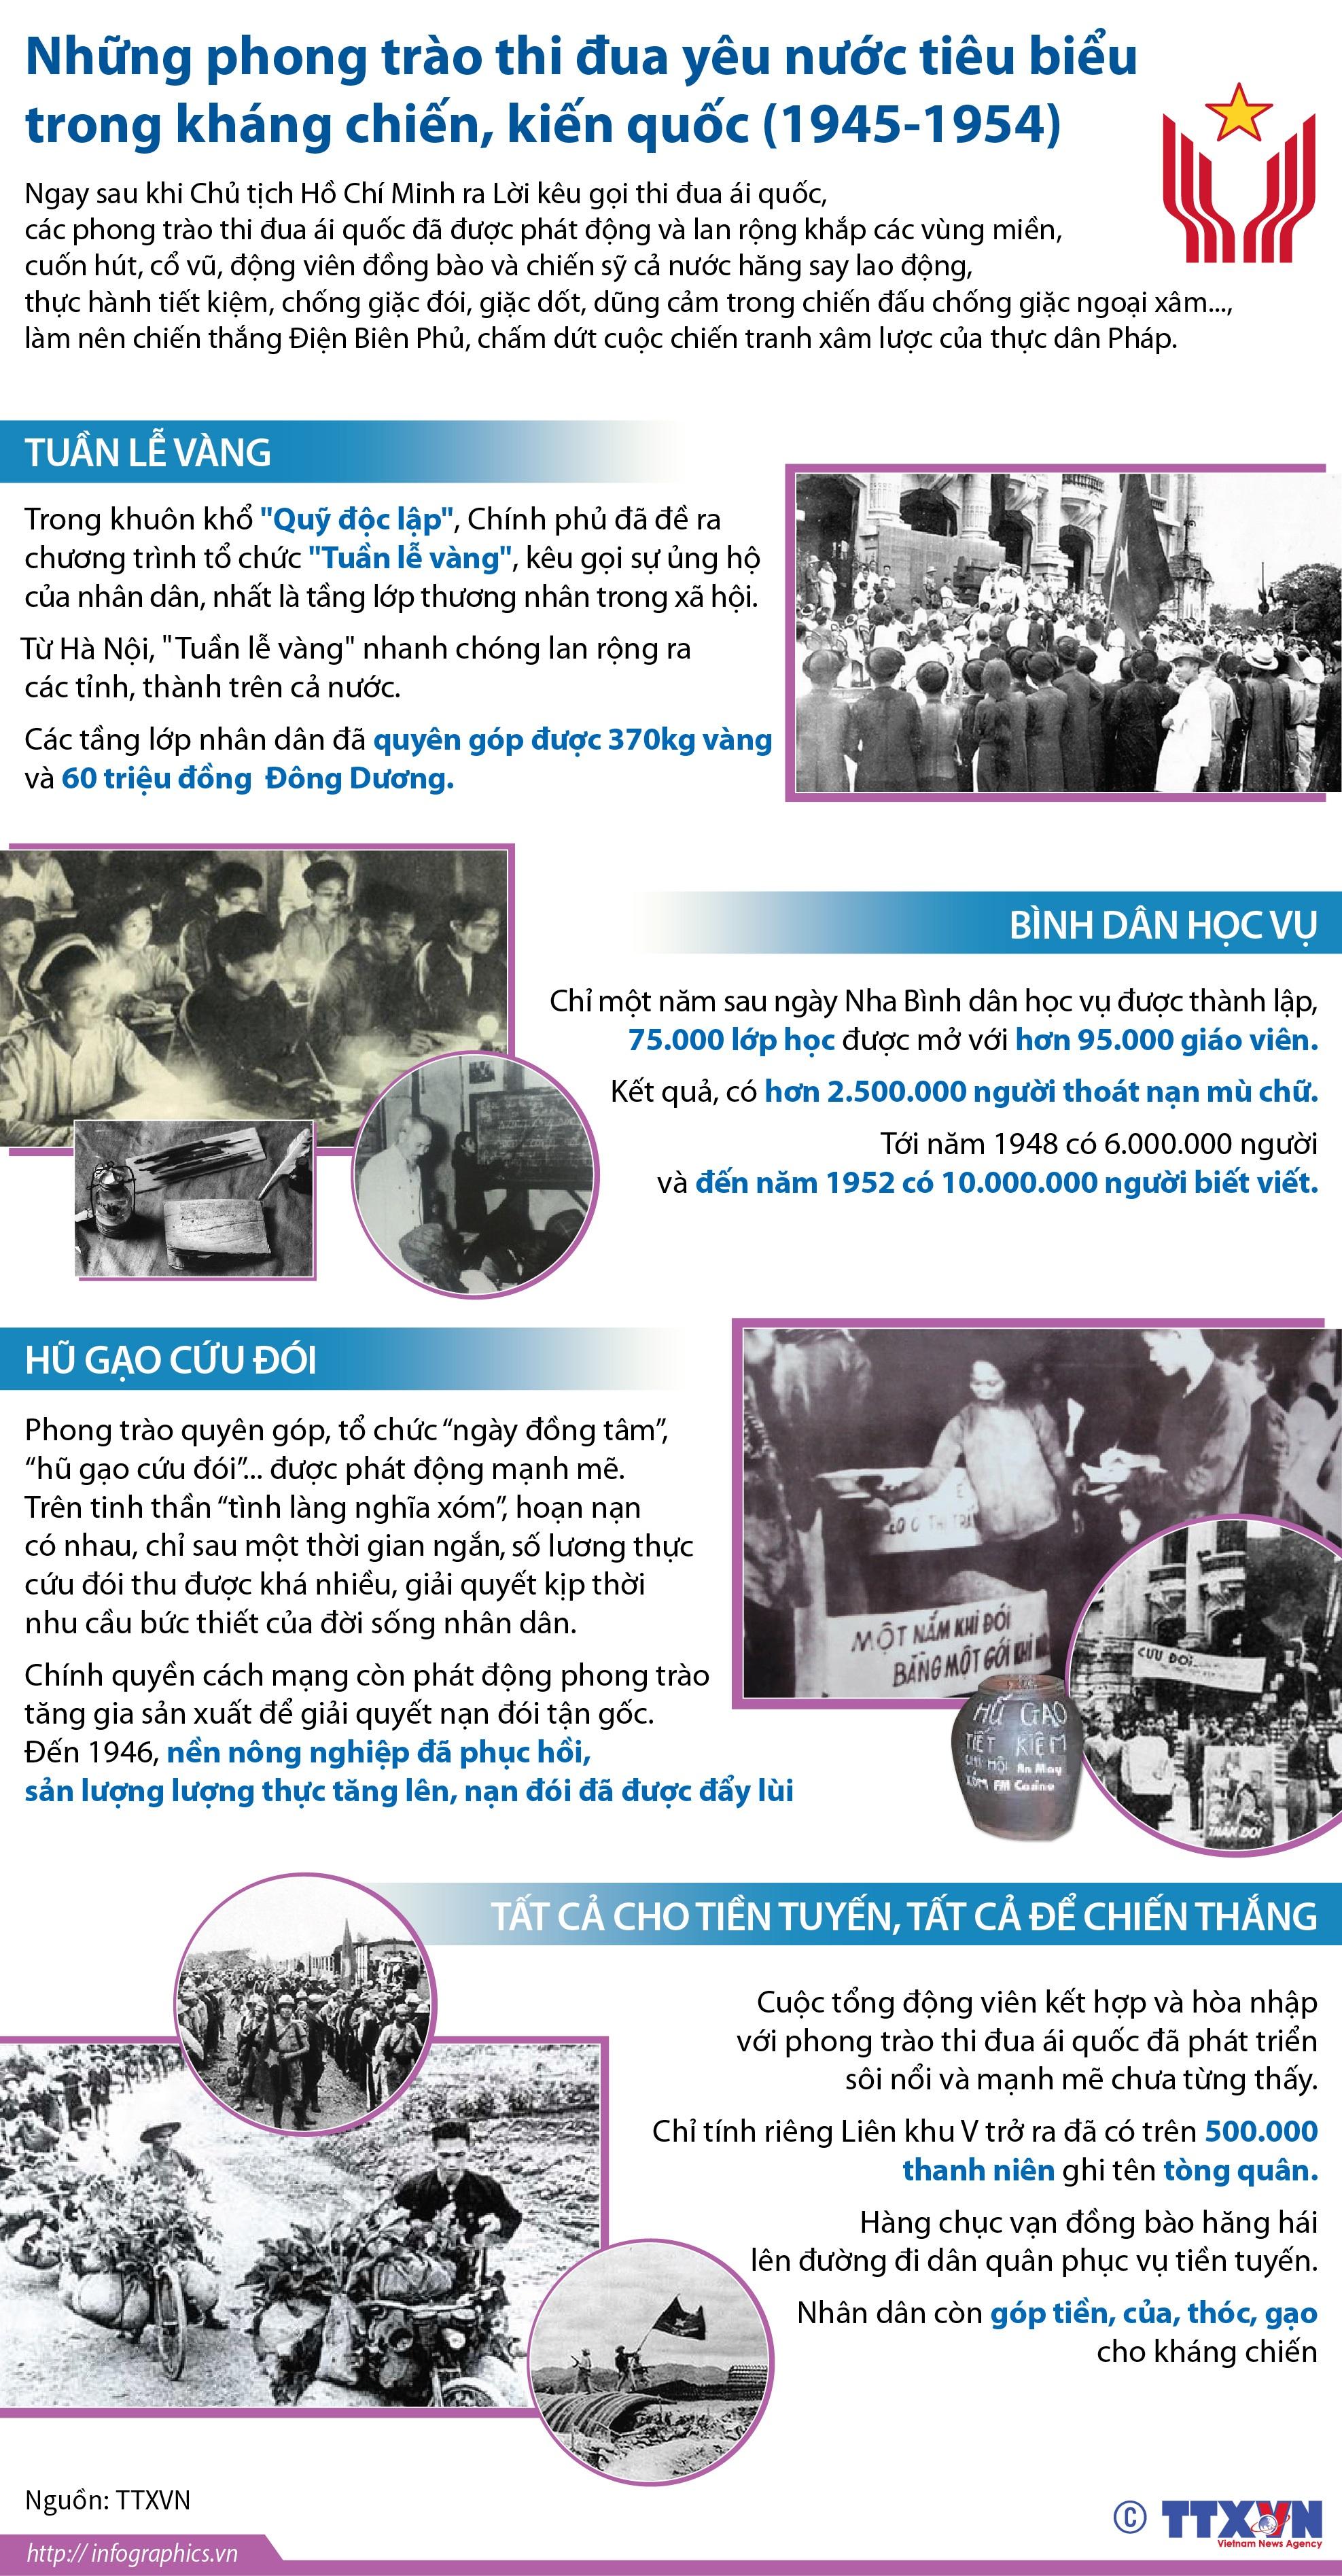 Những phong trào thi đua yêu nước tiêu biểu trong kháng chiến, kiến quốc (1945-1954)